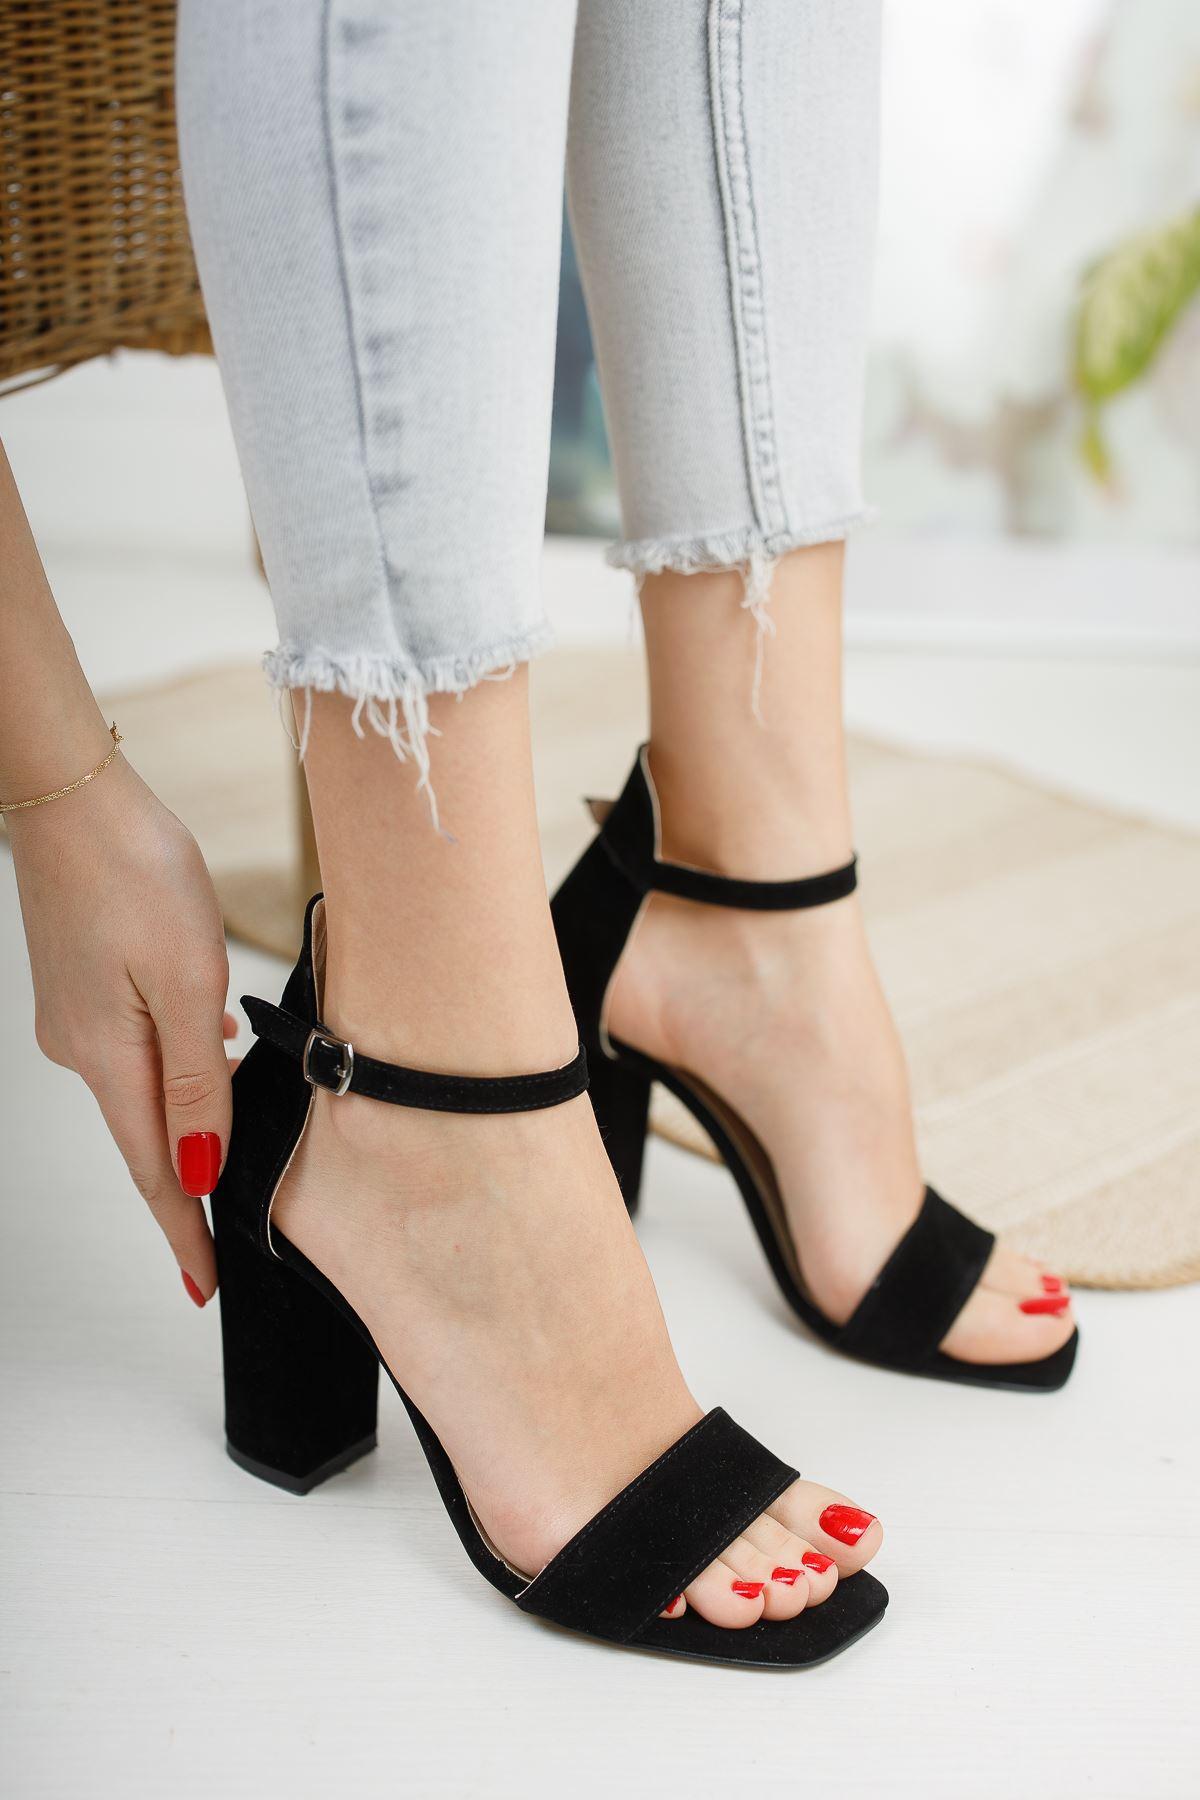 Kadın Tosion Yüksek Topuklu Köşe Burun  Siyah Süet Tek Bant Ayakkabı